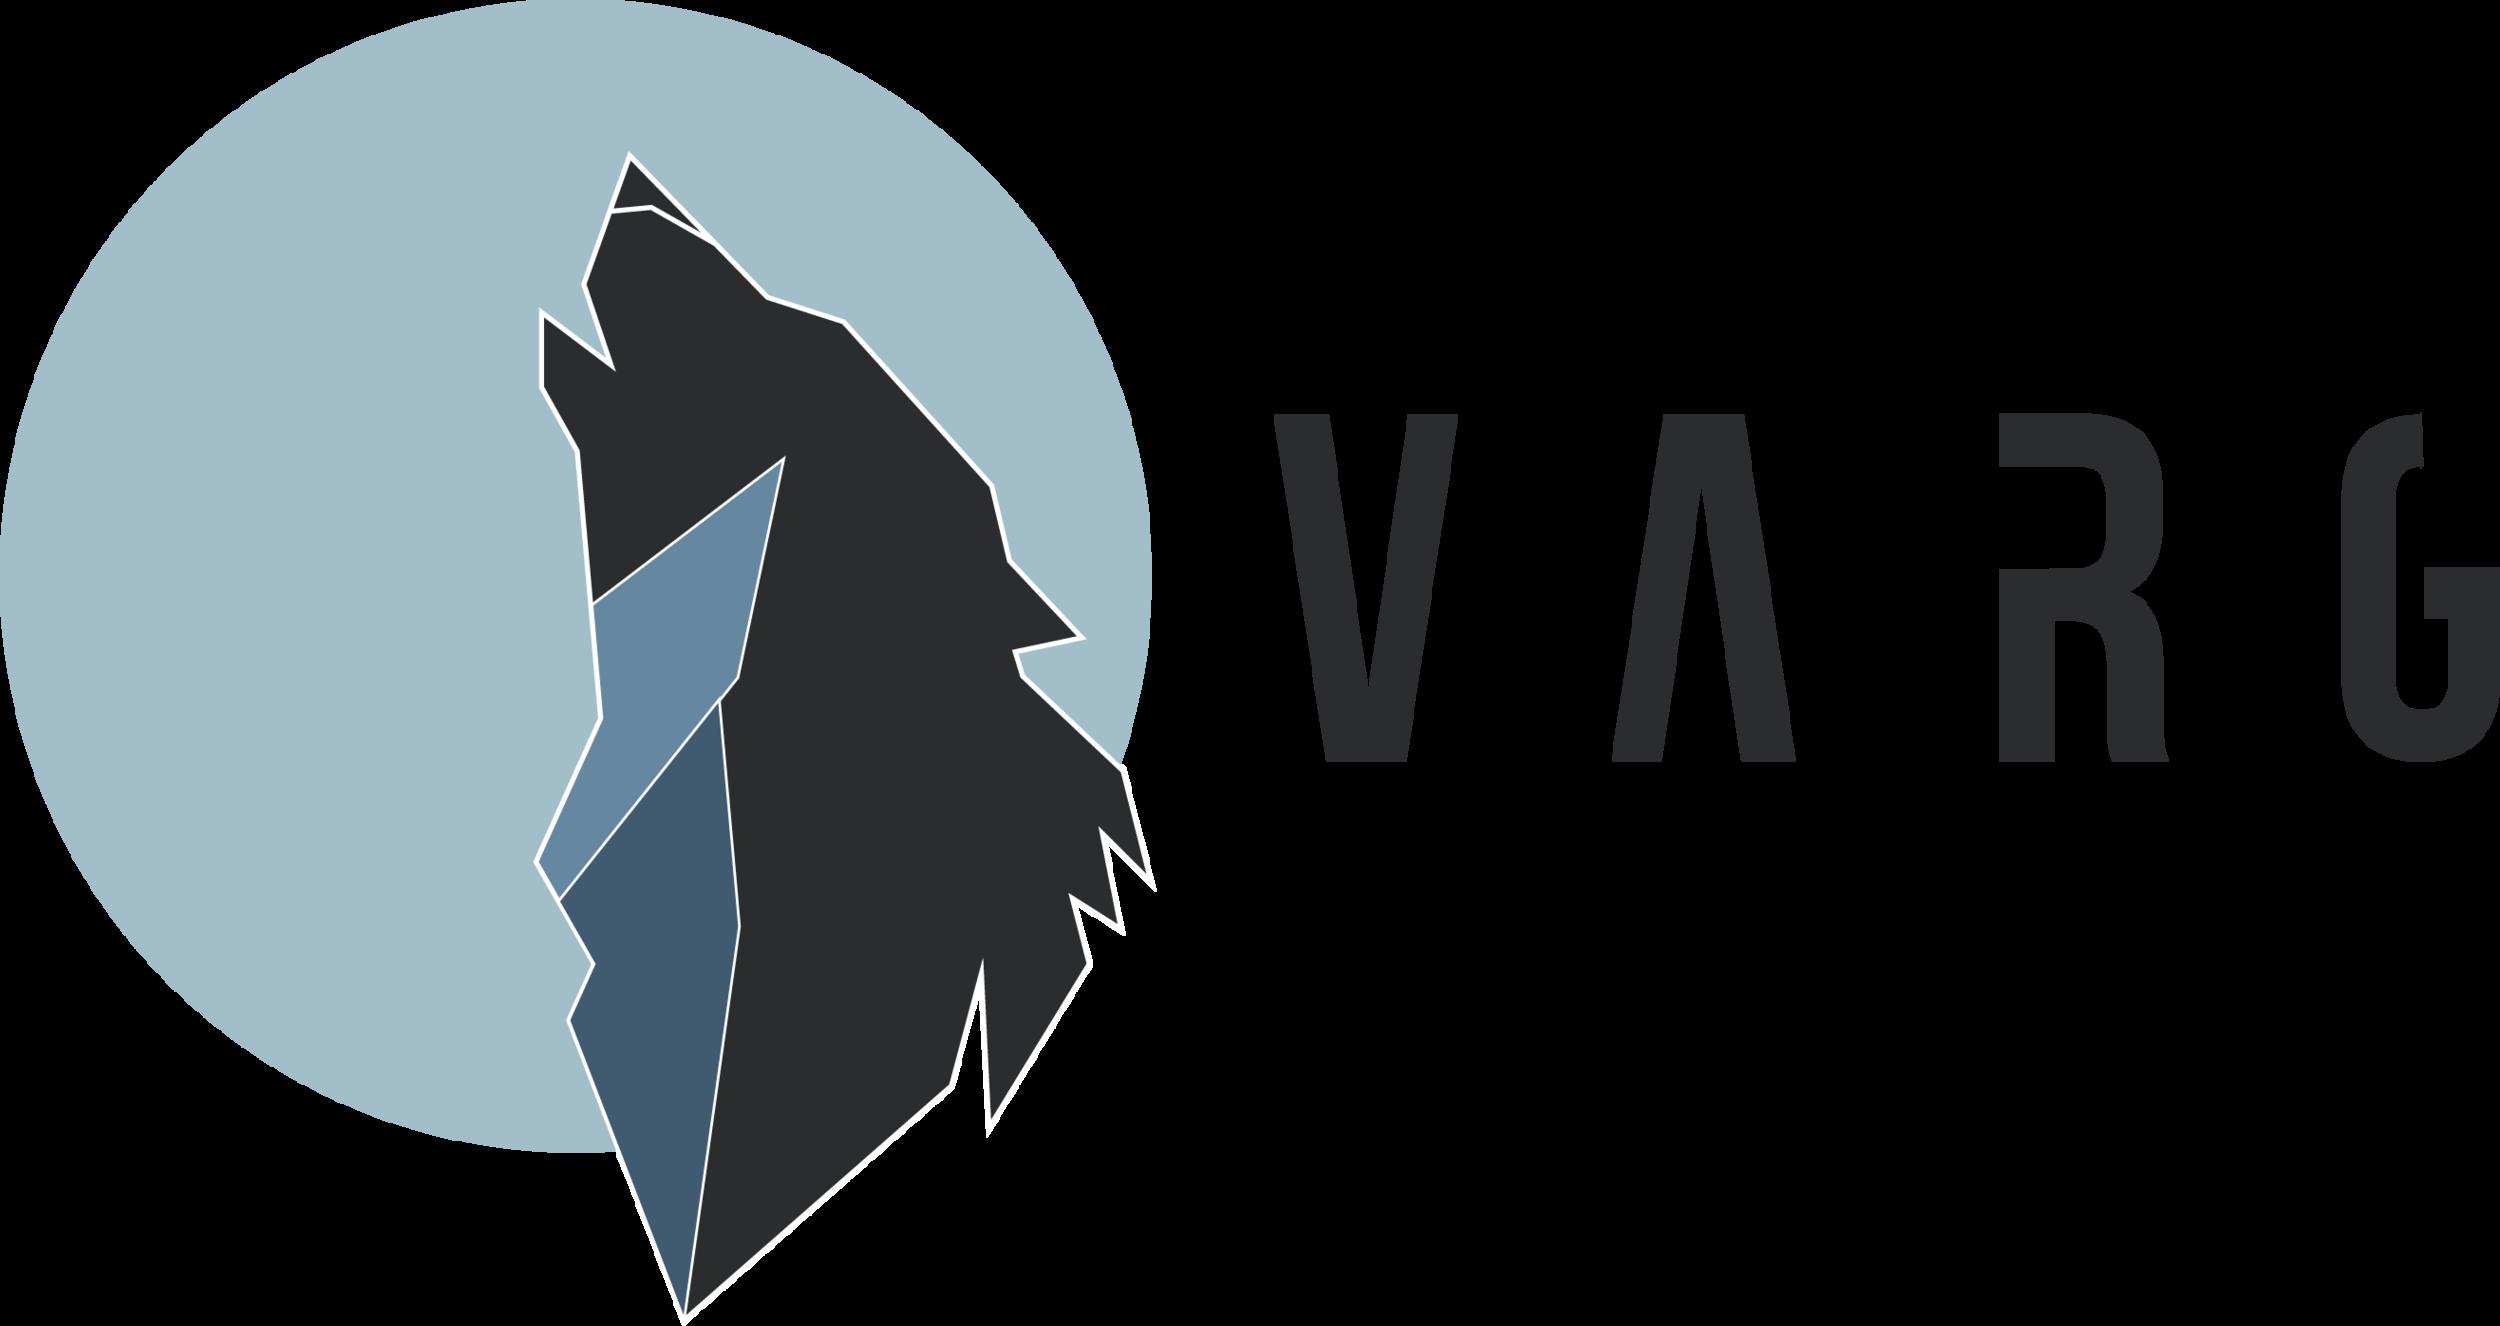 Varg Idrett logo.png